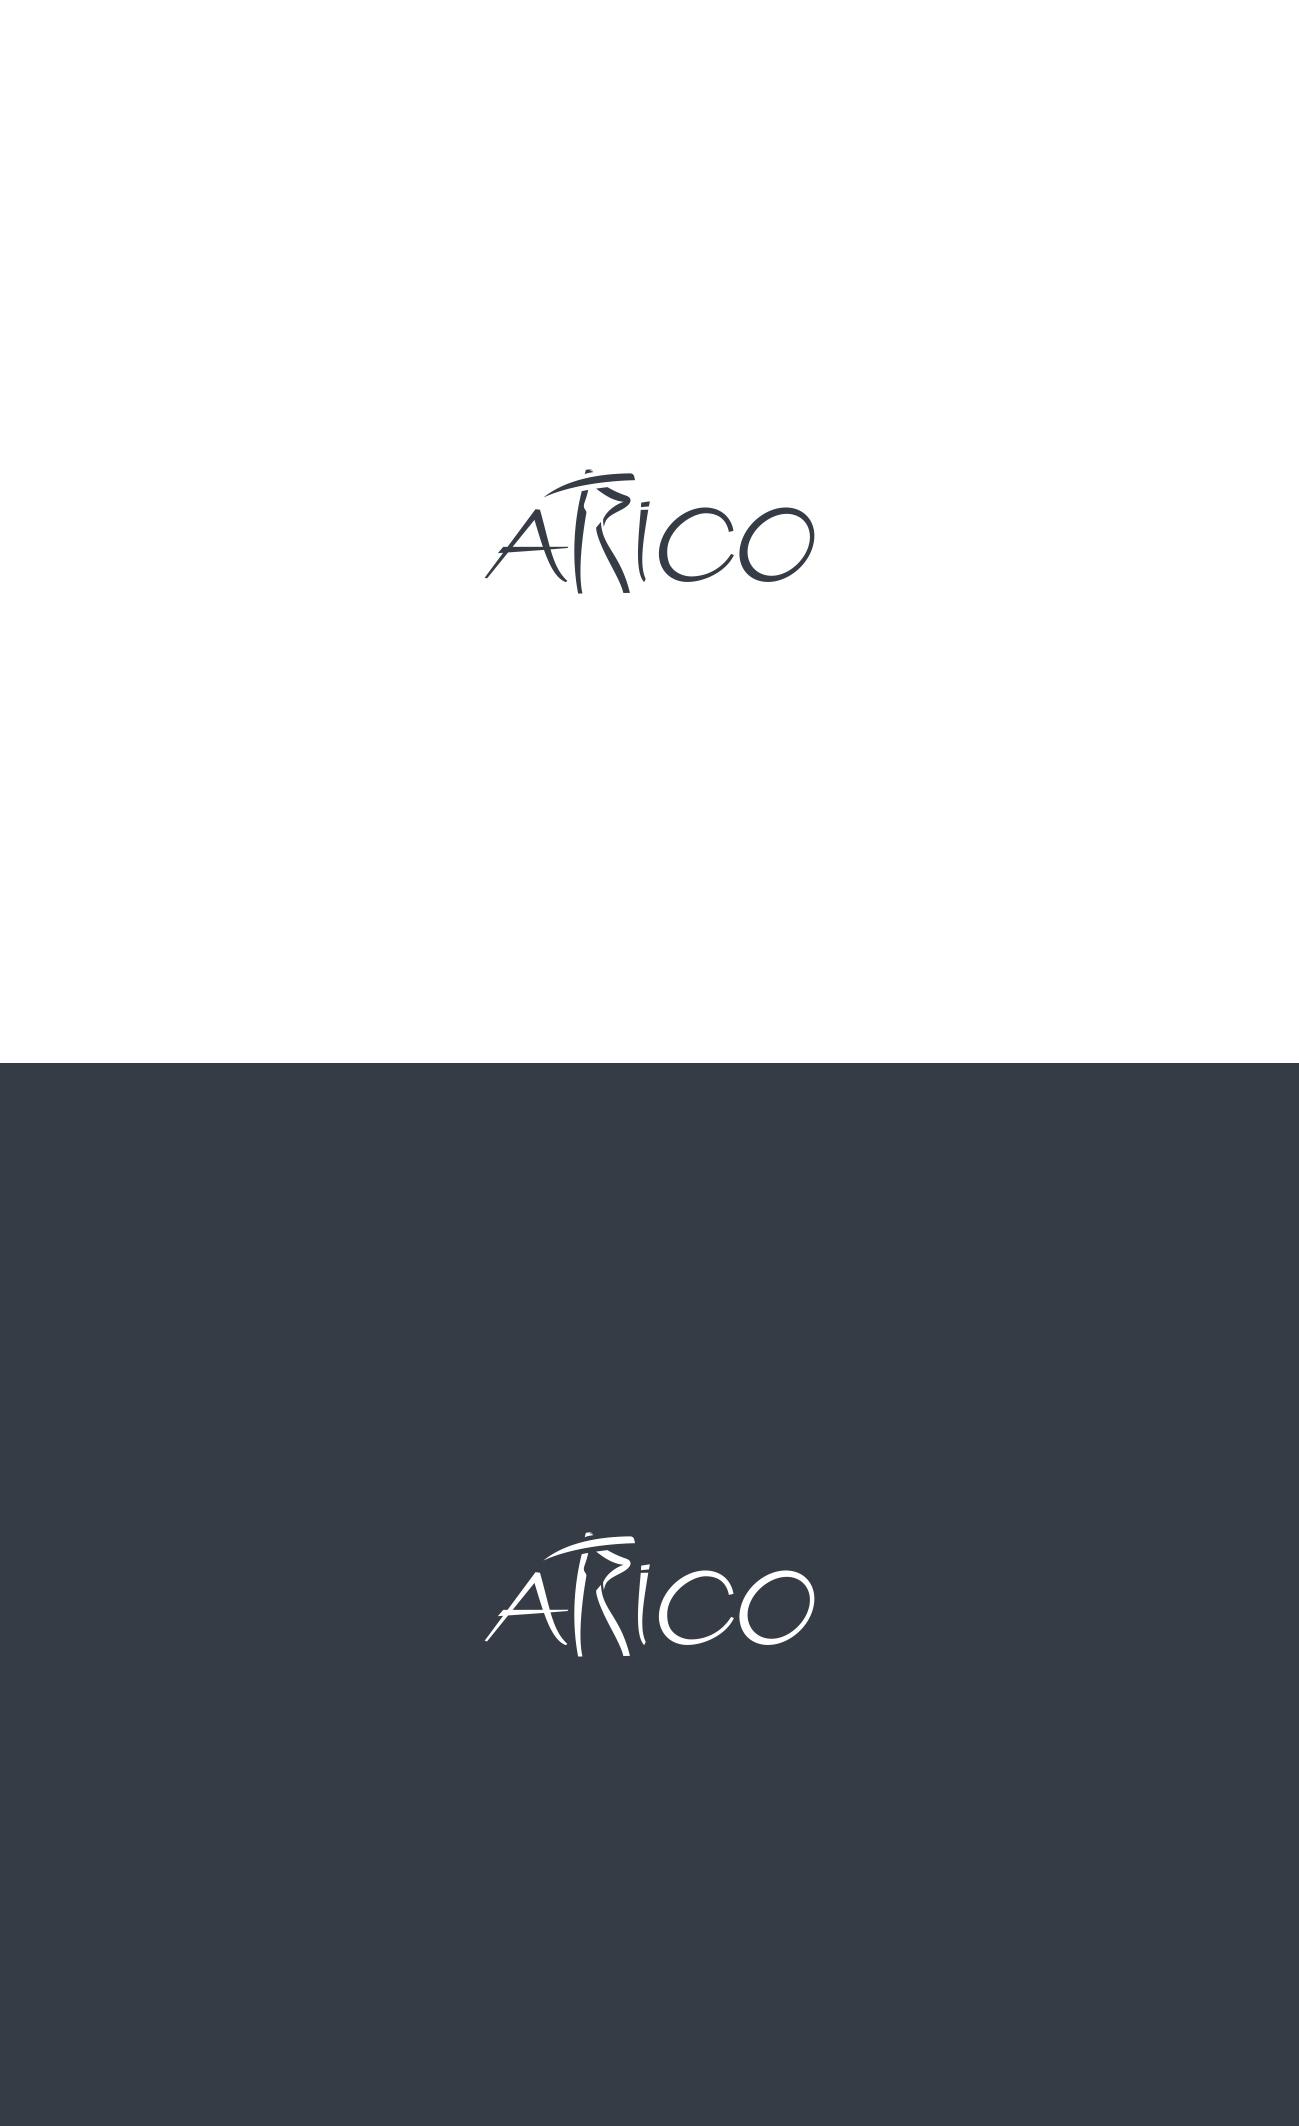 Логотип для брендовой пряжи и трикотажной одежды фото f_052600053ca04fb6.jpg